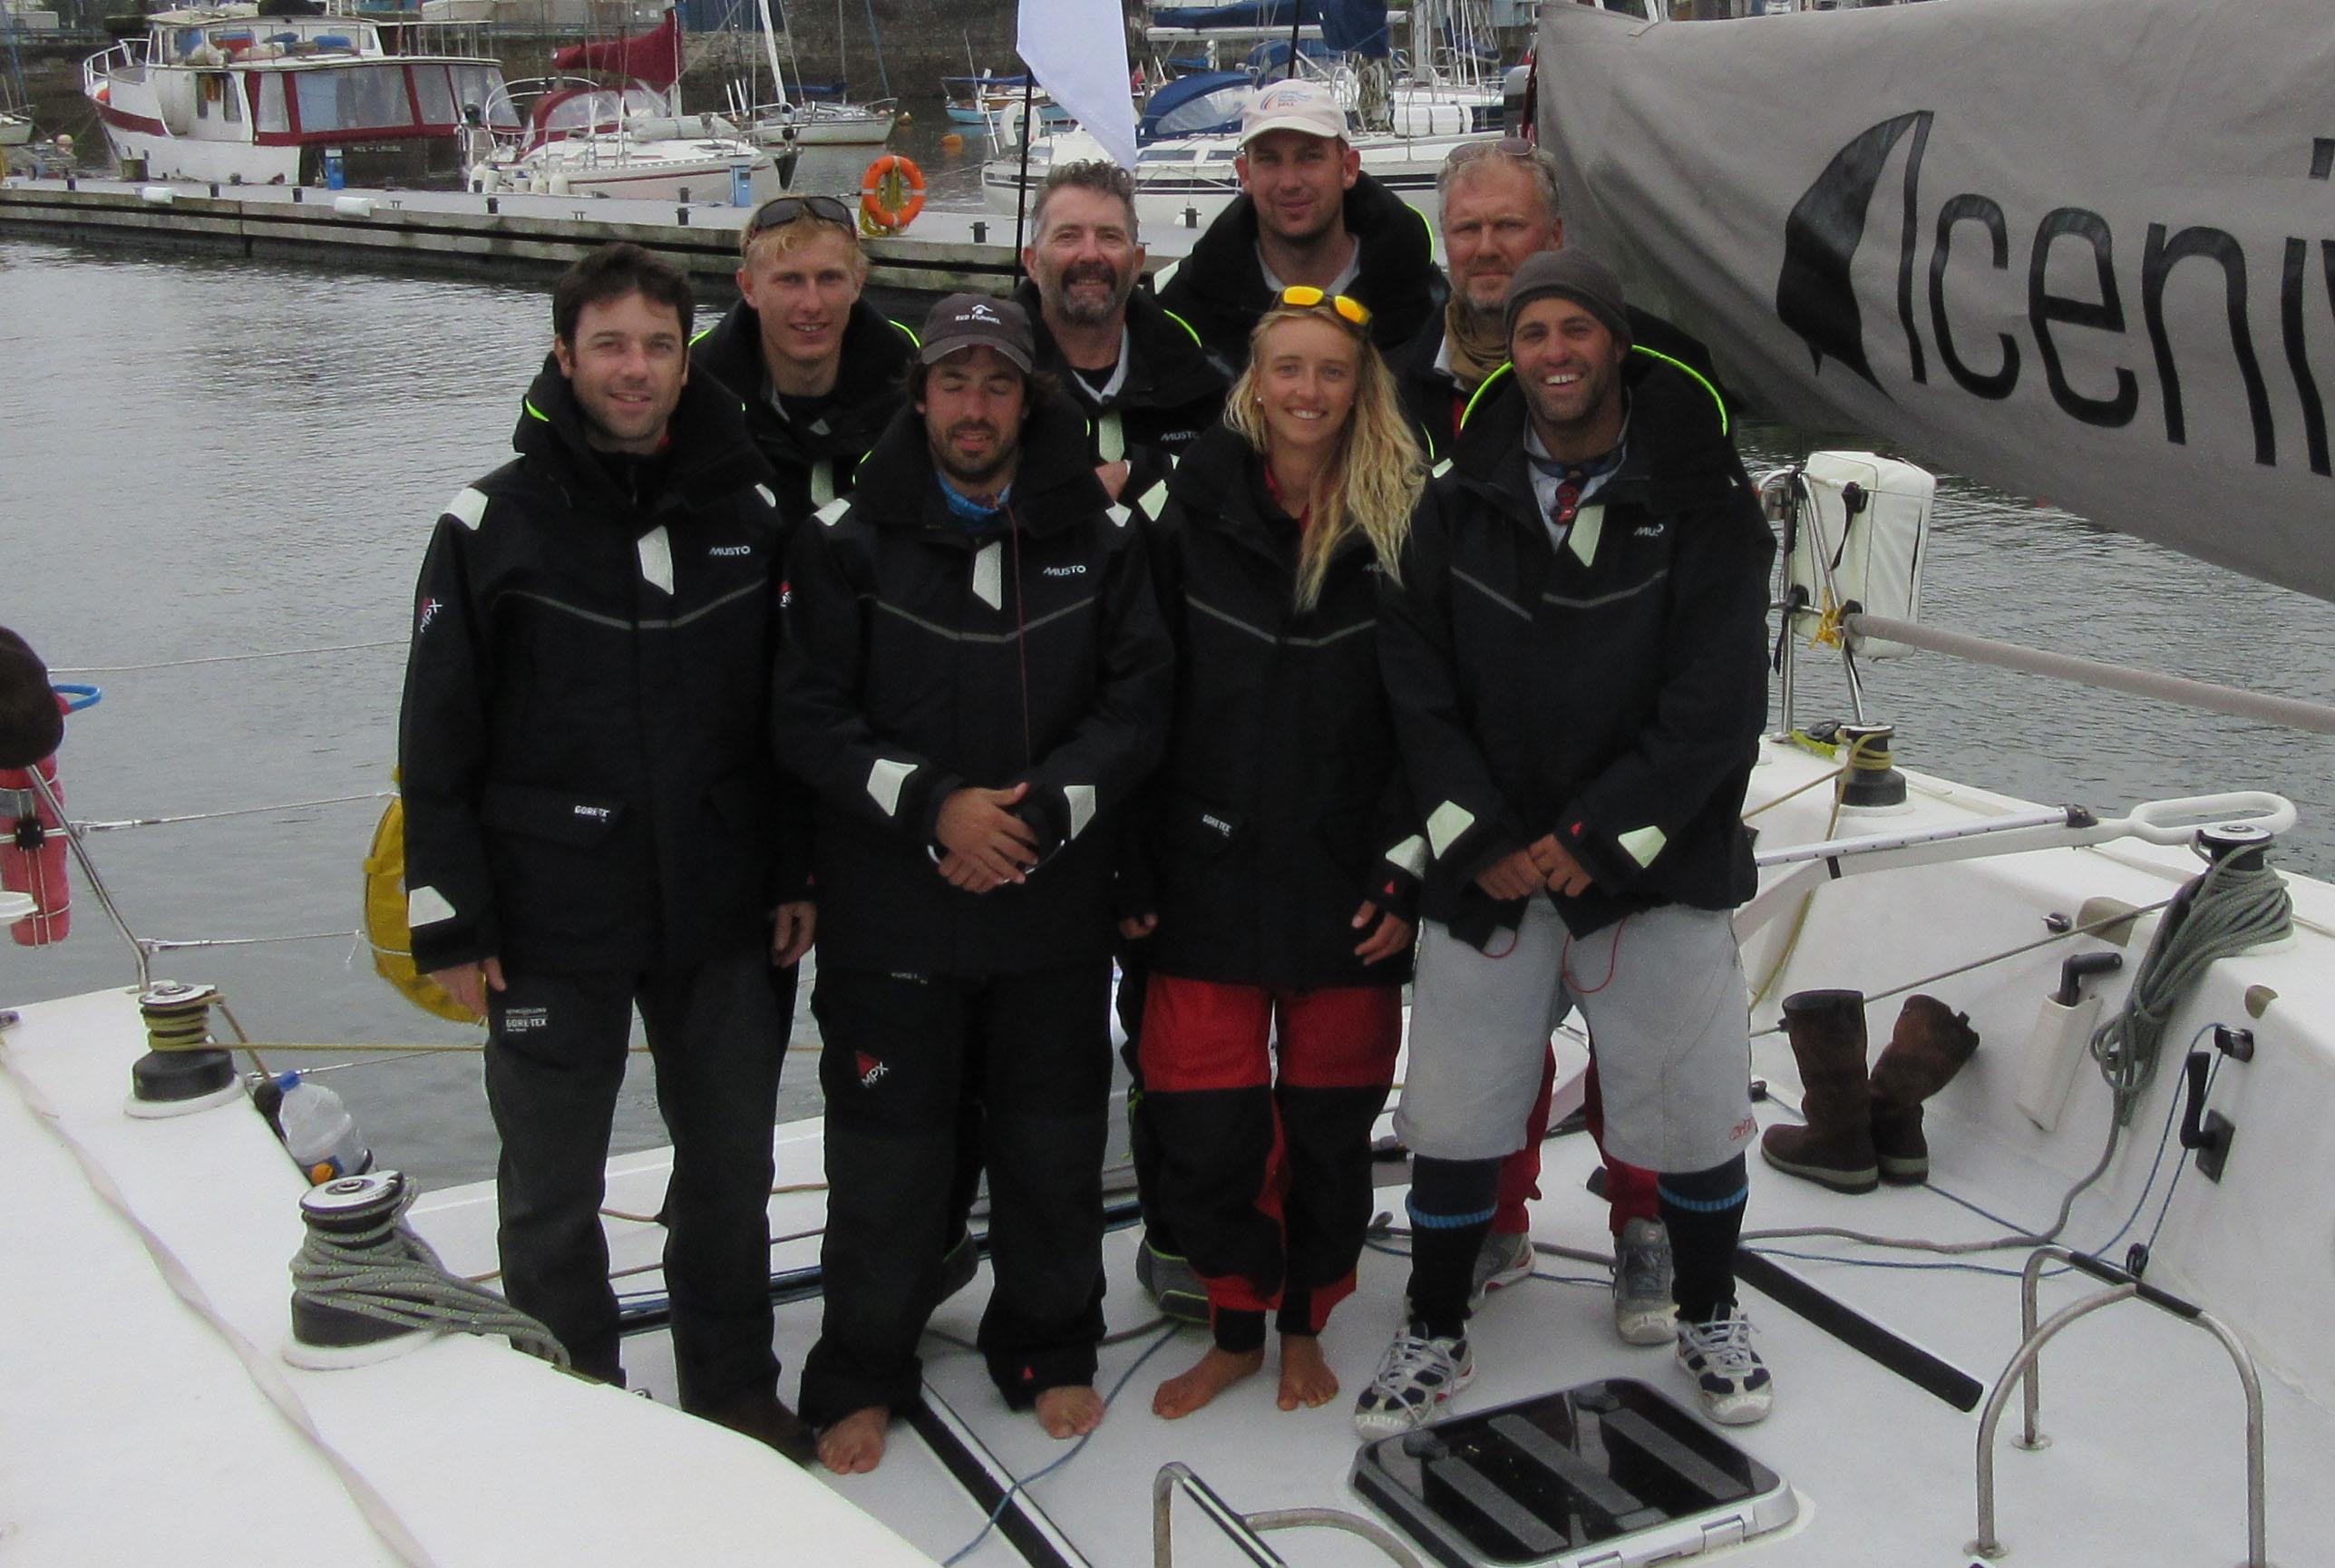 Fastnet 2015